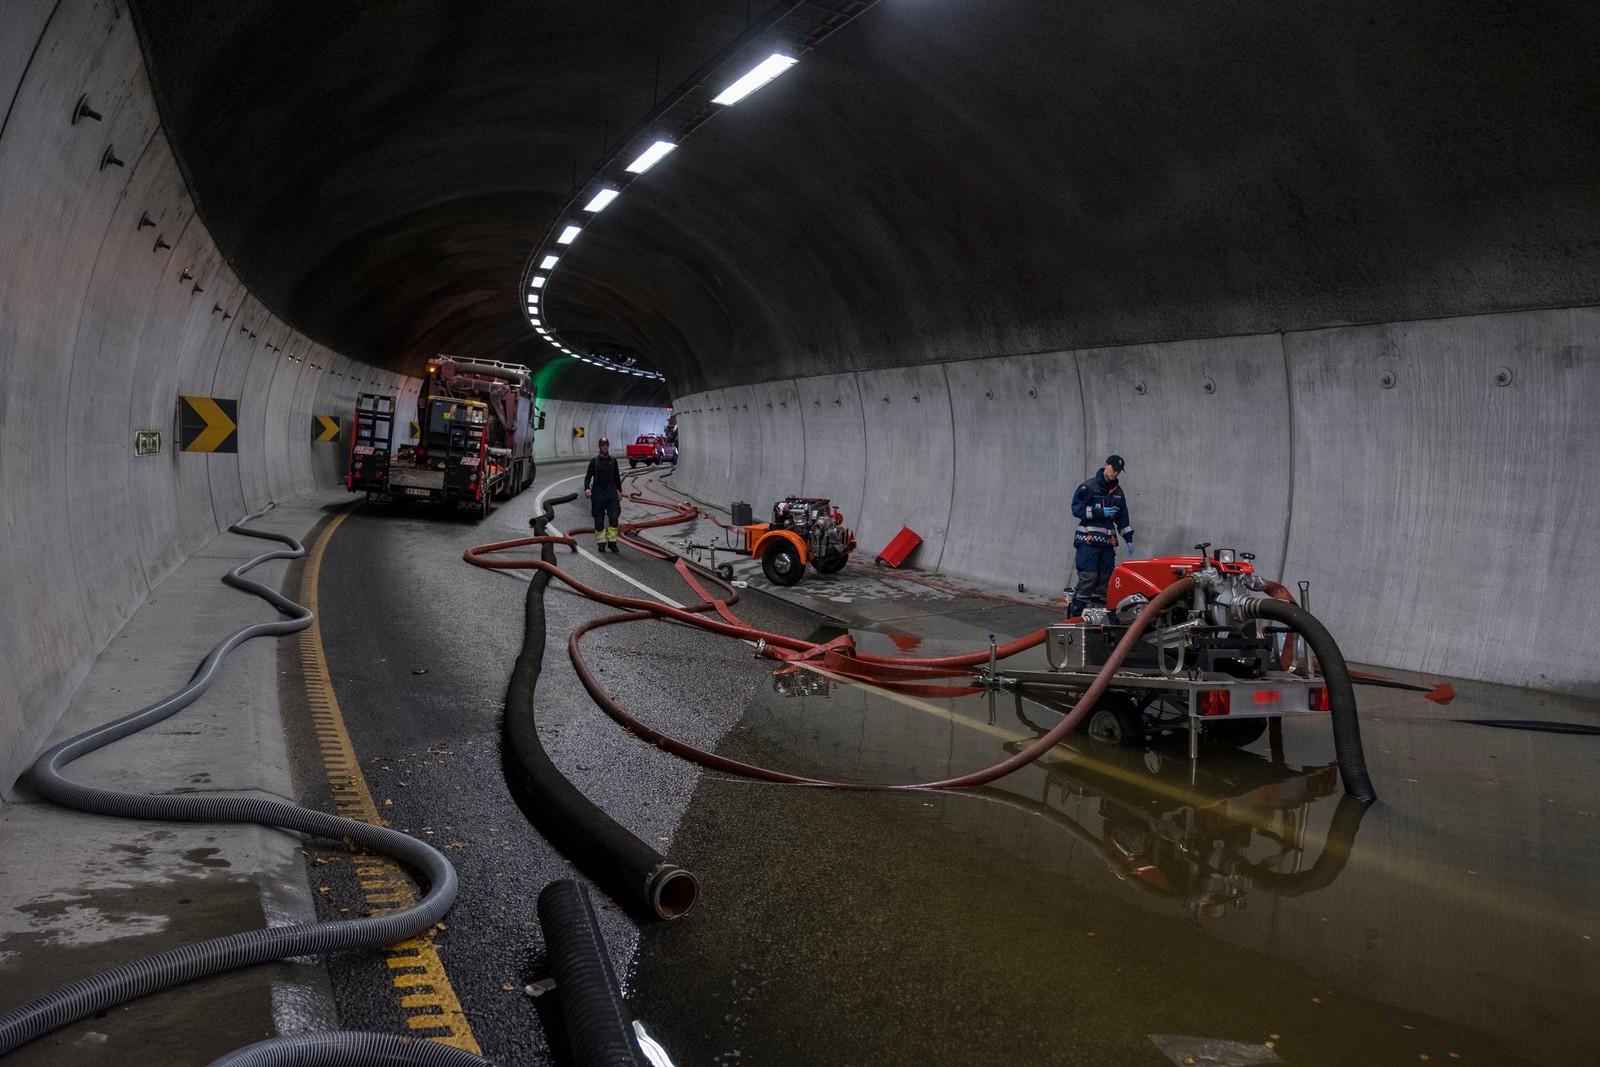 KRISTIANSAND: Regn og uvær på Sørlandet. Deler av Vågsbygdporten tunnel er stengt pga vannmassene. Tunelen knytter Vågsbygd og E39 til sentrum av byen og er et viktig knutepunkt for byen.